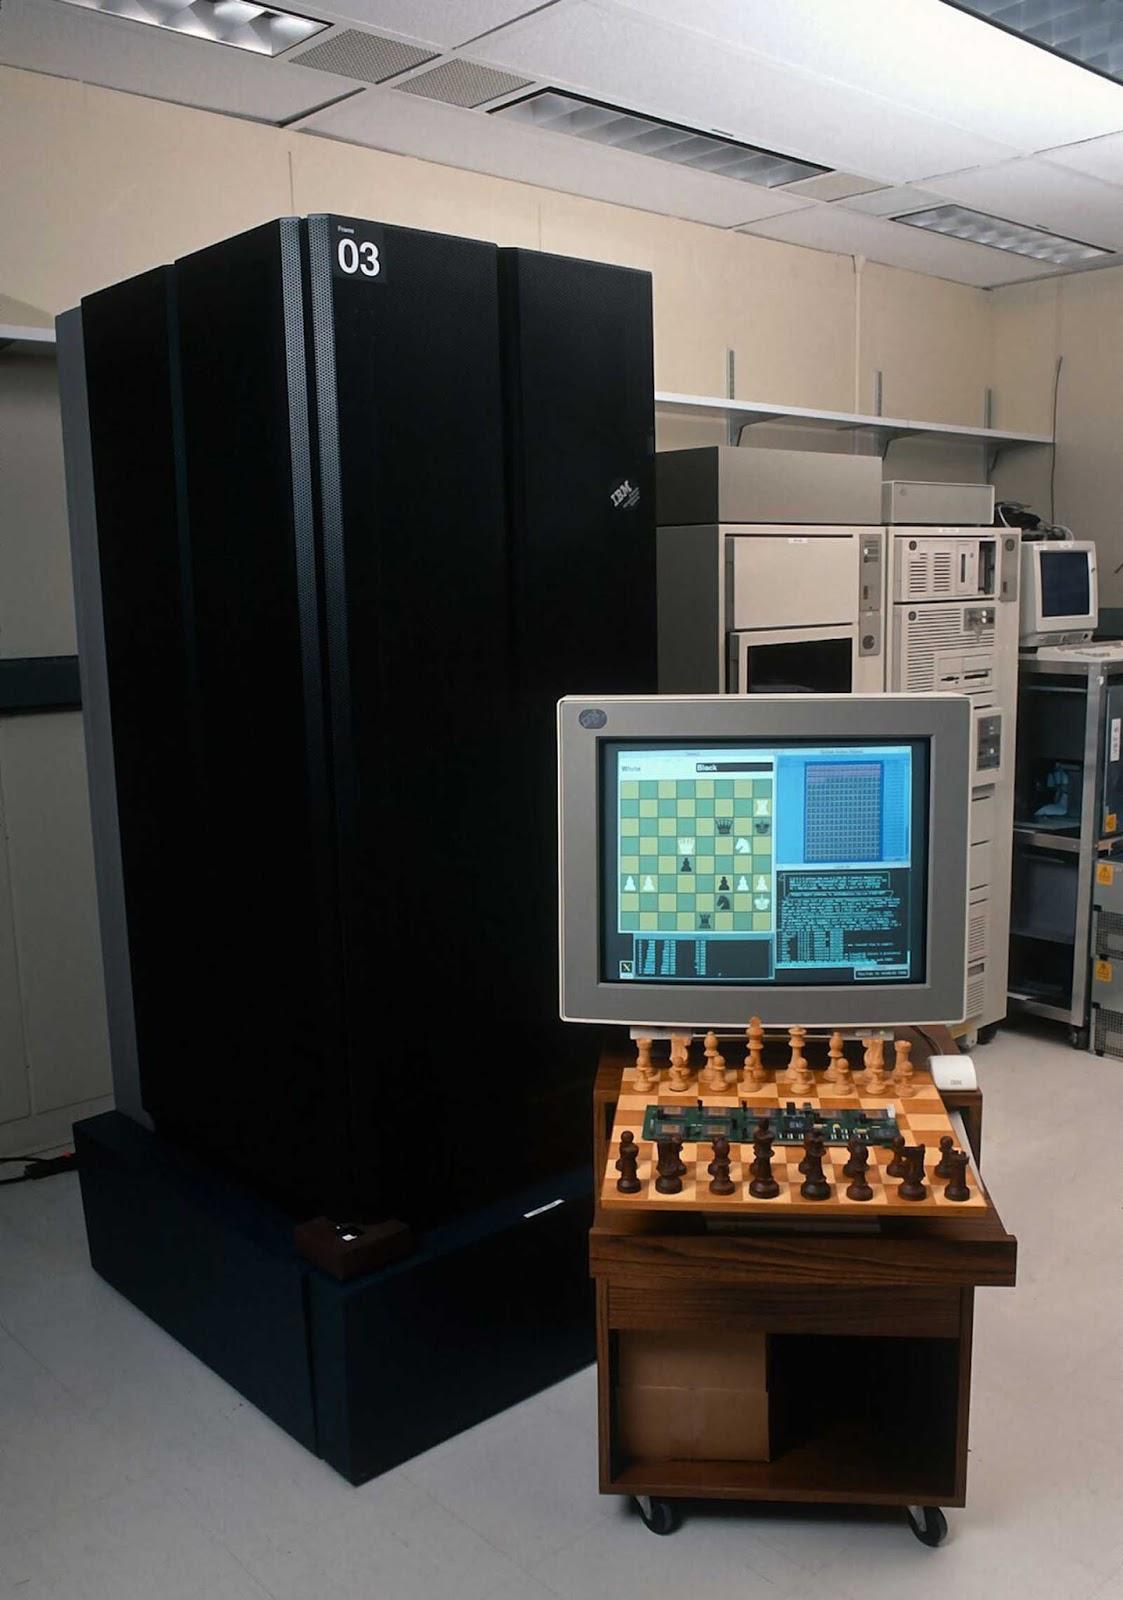 Deep Blue en la sede de IBM en Armonk, Nueva York.